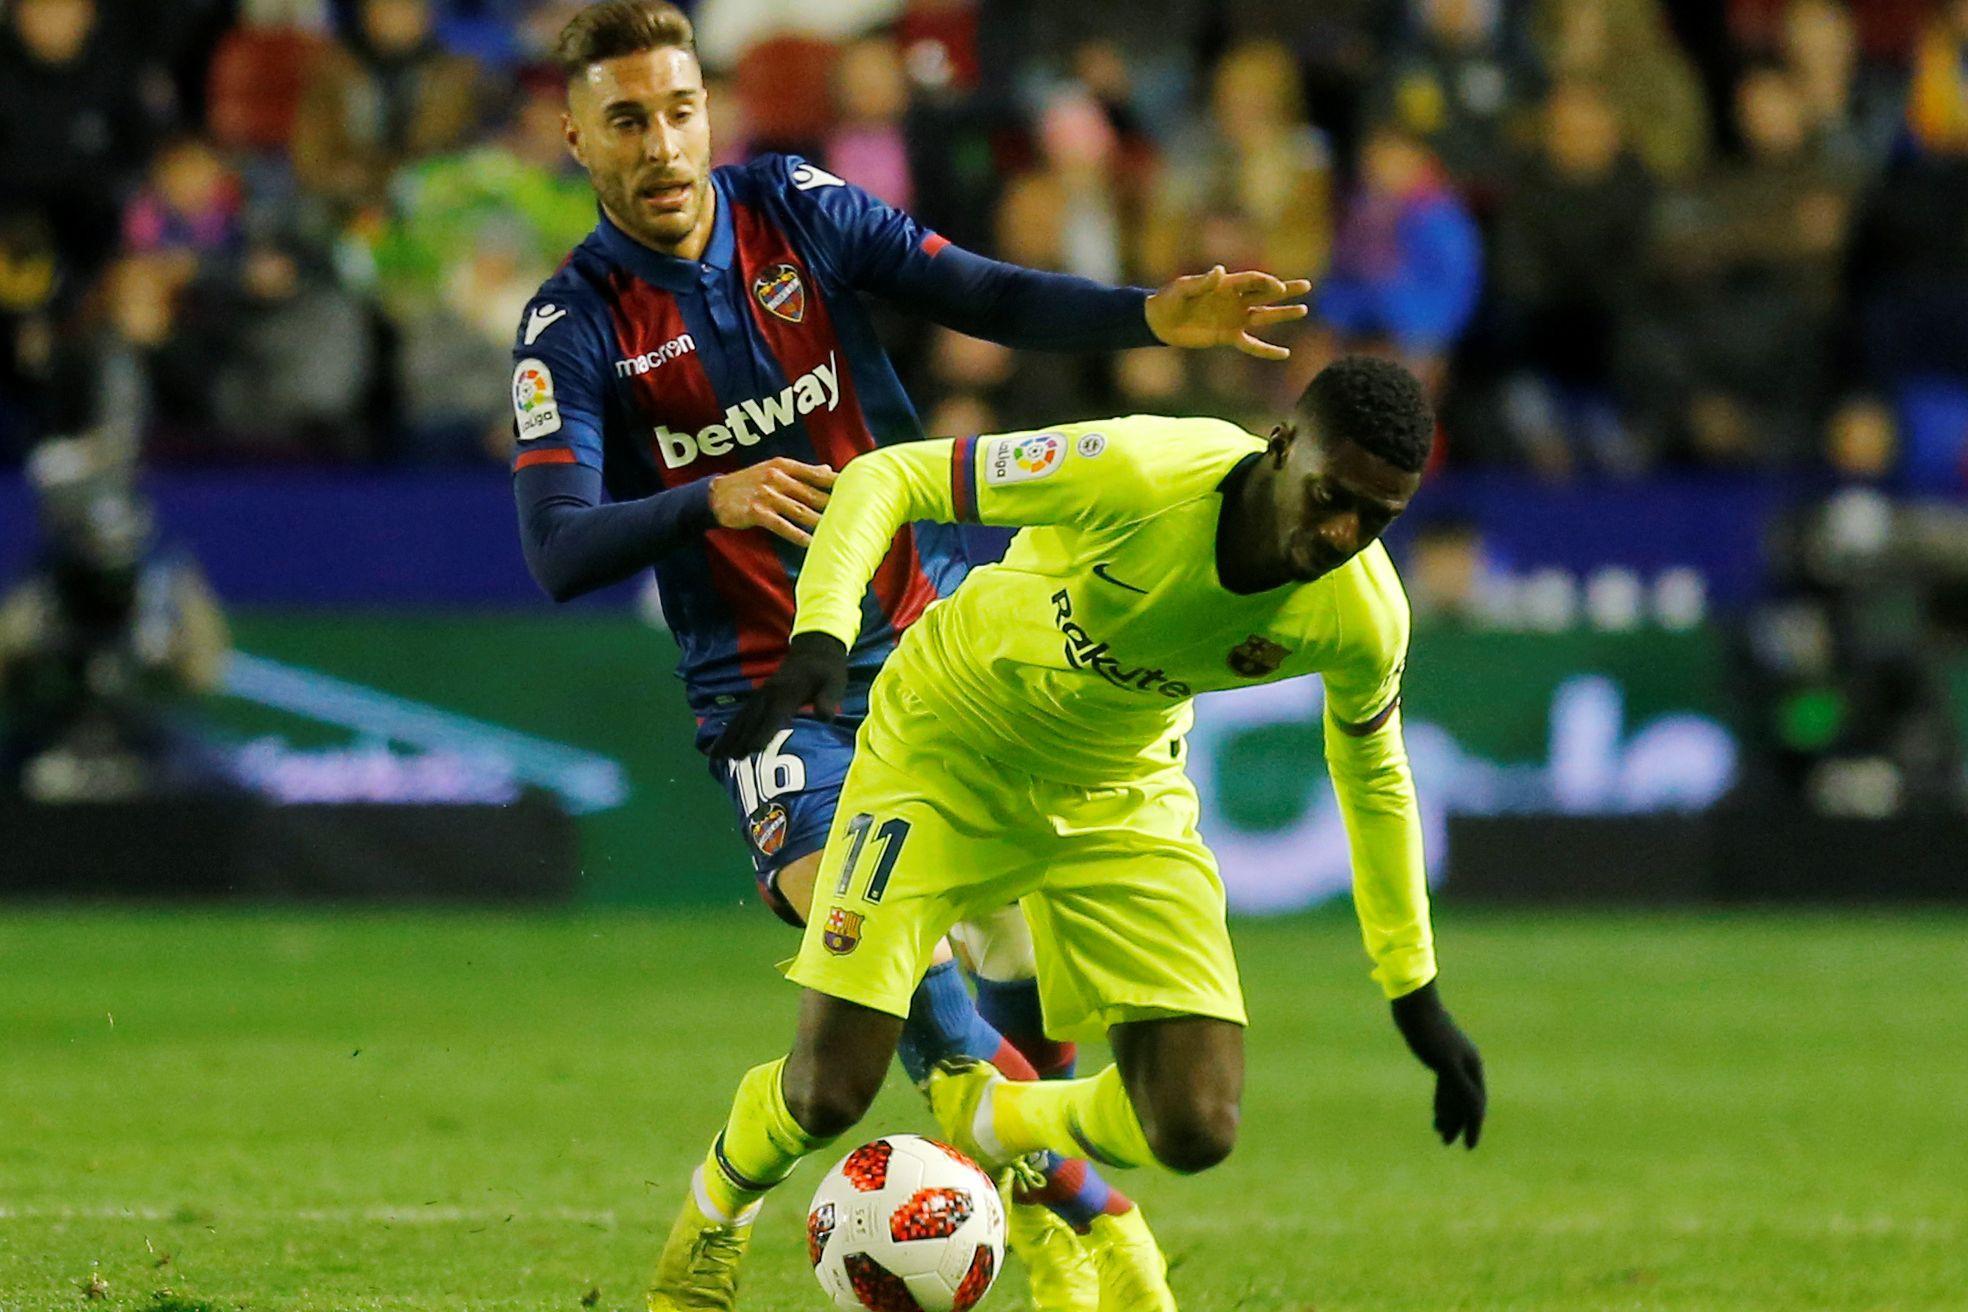 Surpresa em Espanha: Barcelona em desvantagem nos oitavos da Taça do Rei